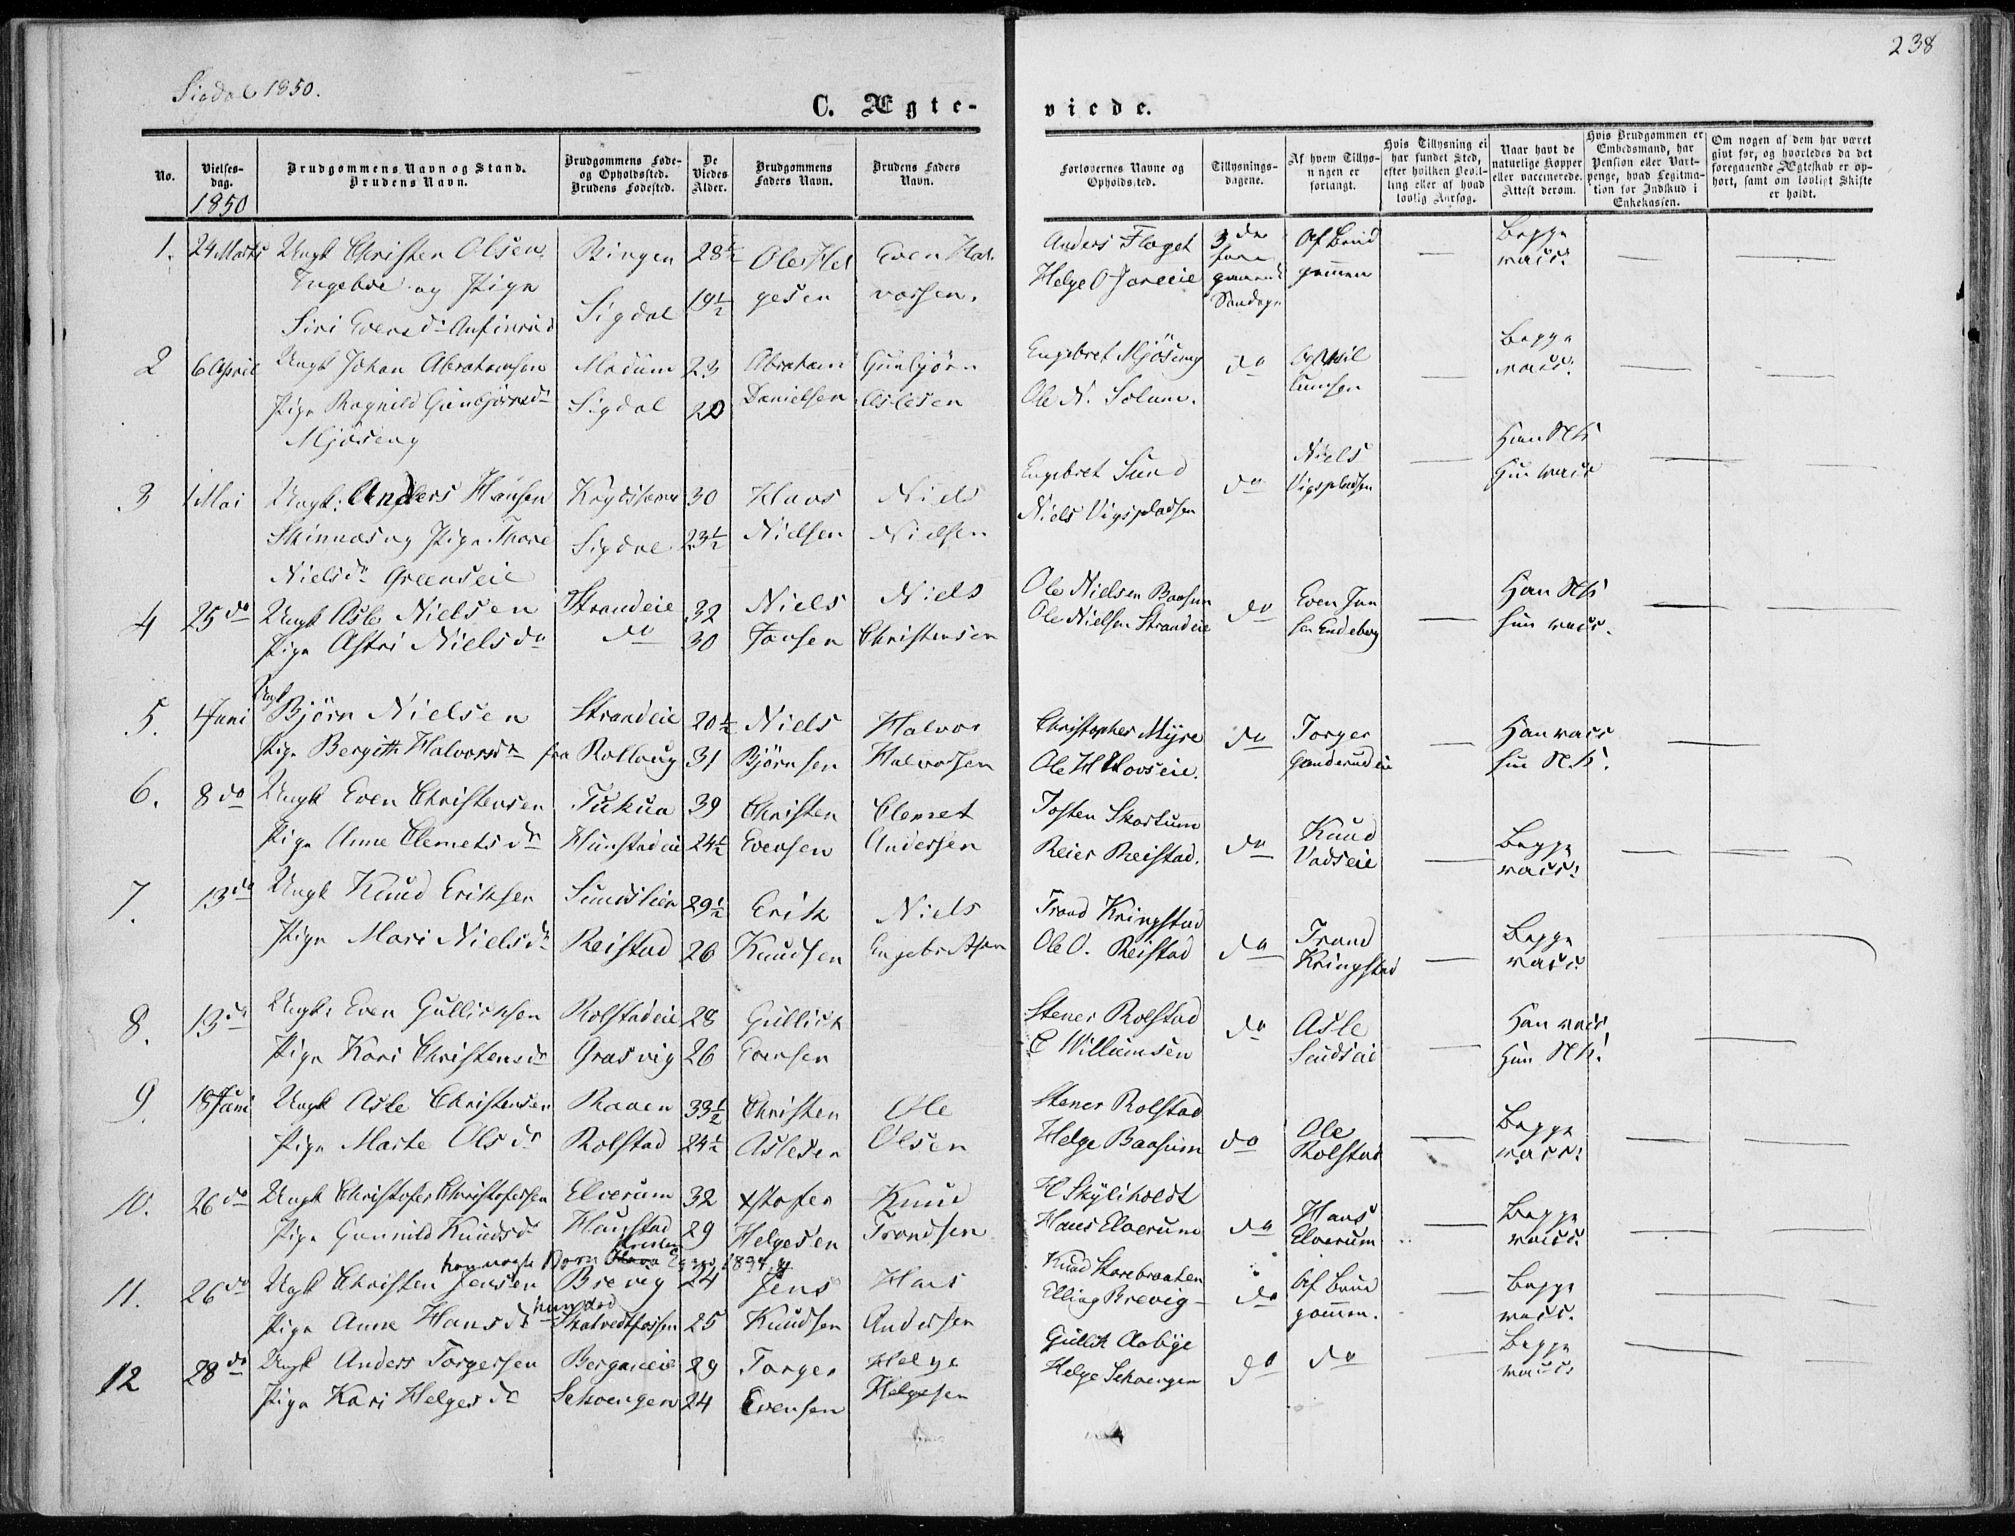 SAKO, Sigdal kirkebøker, F/Fa/L0008: Ministerialbok nr. I 8, 1850-1859, s. 238